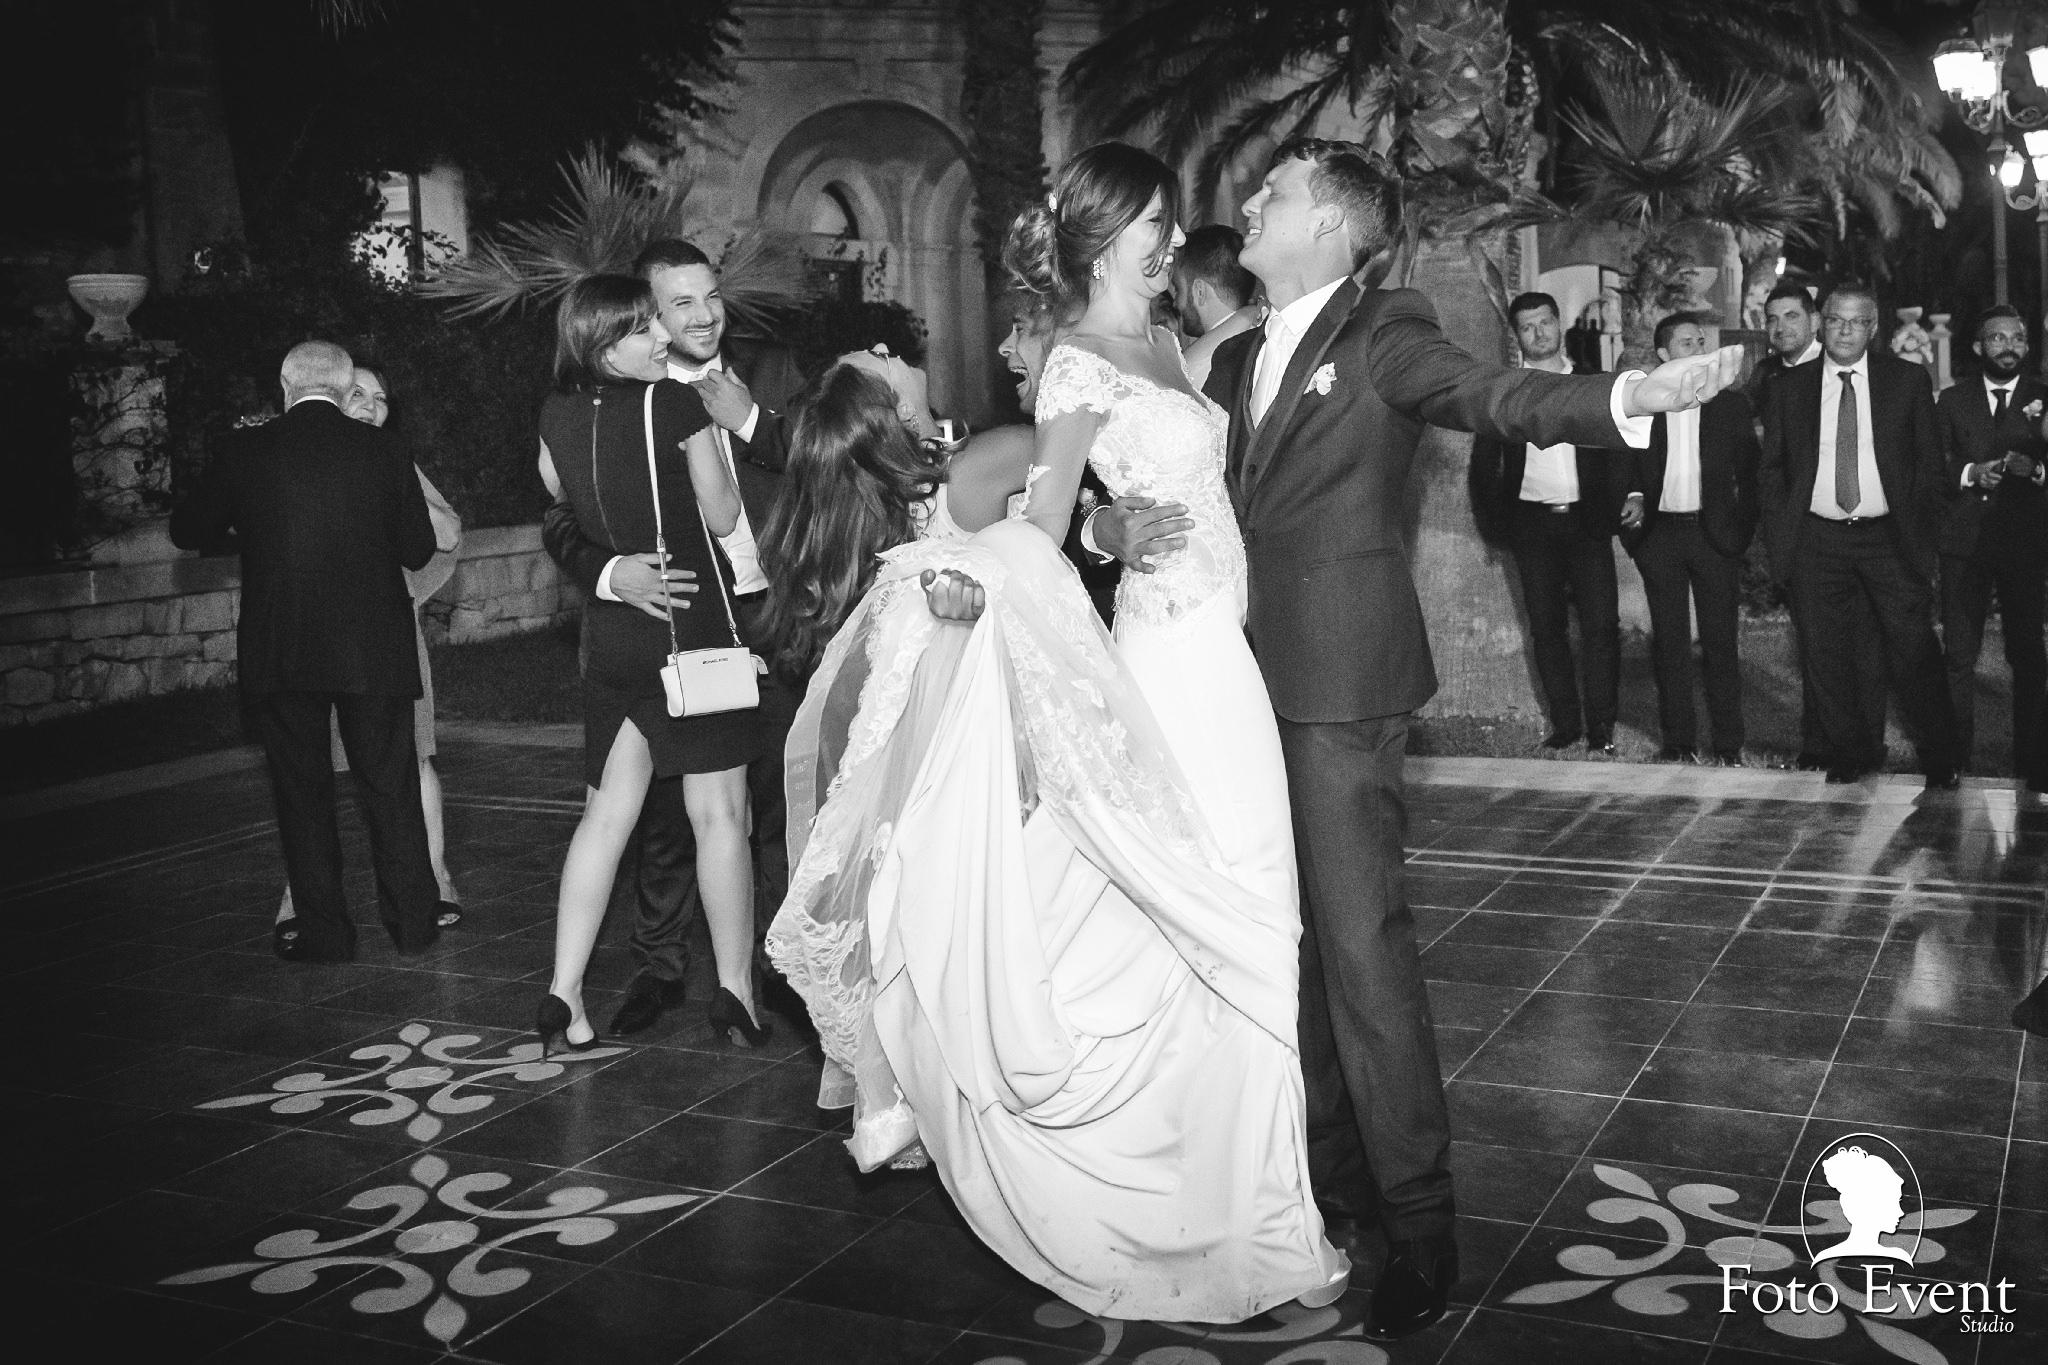 2017-07-21 Matrimonio Adriana e Giuseppe Dorsi 5DE 1899 CD FOTO